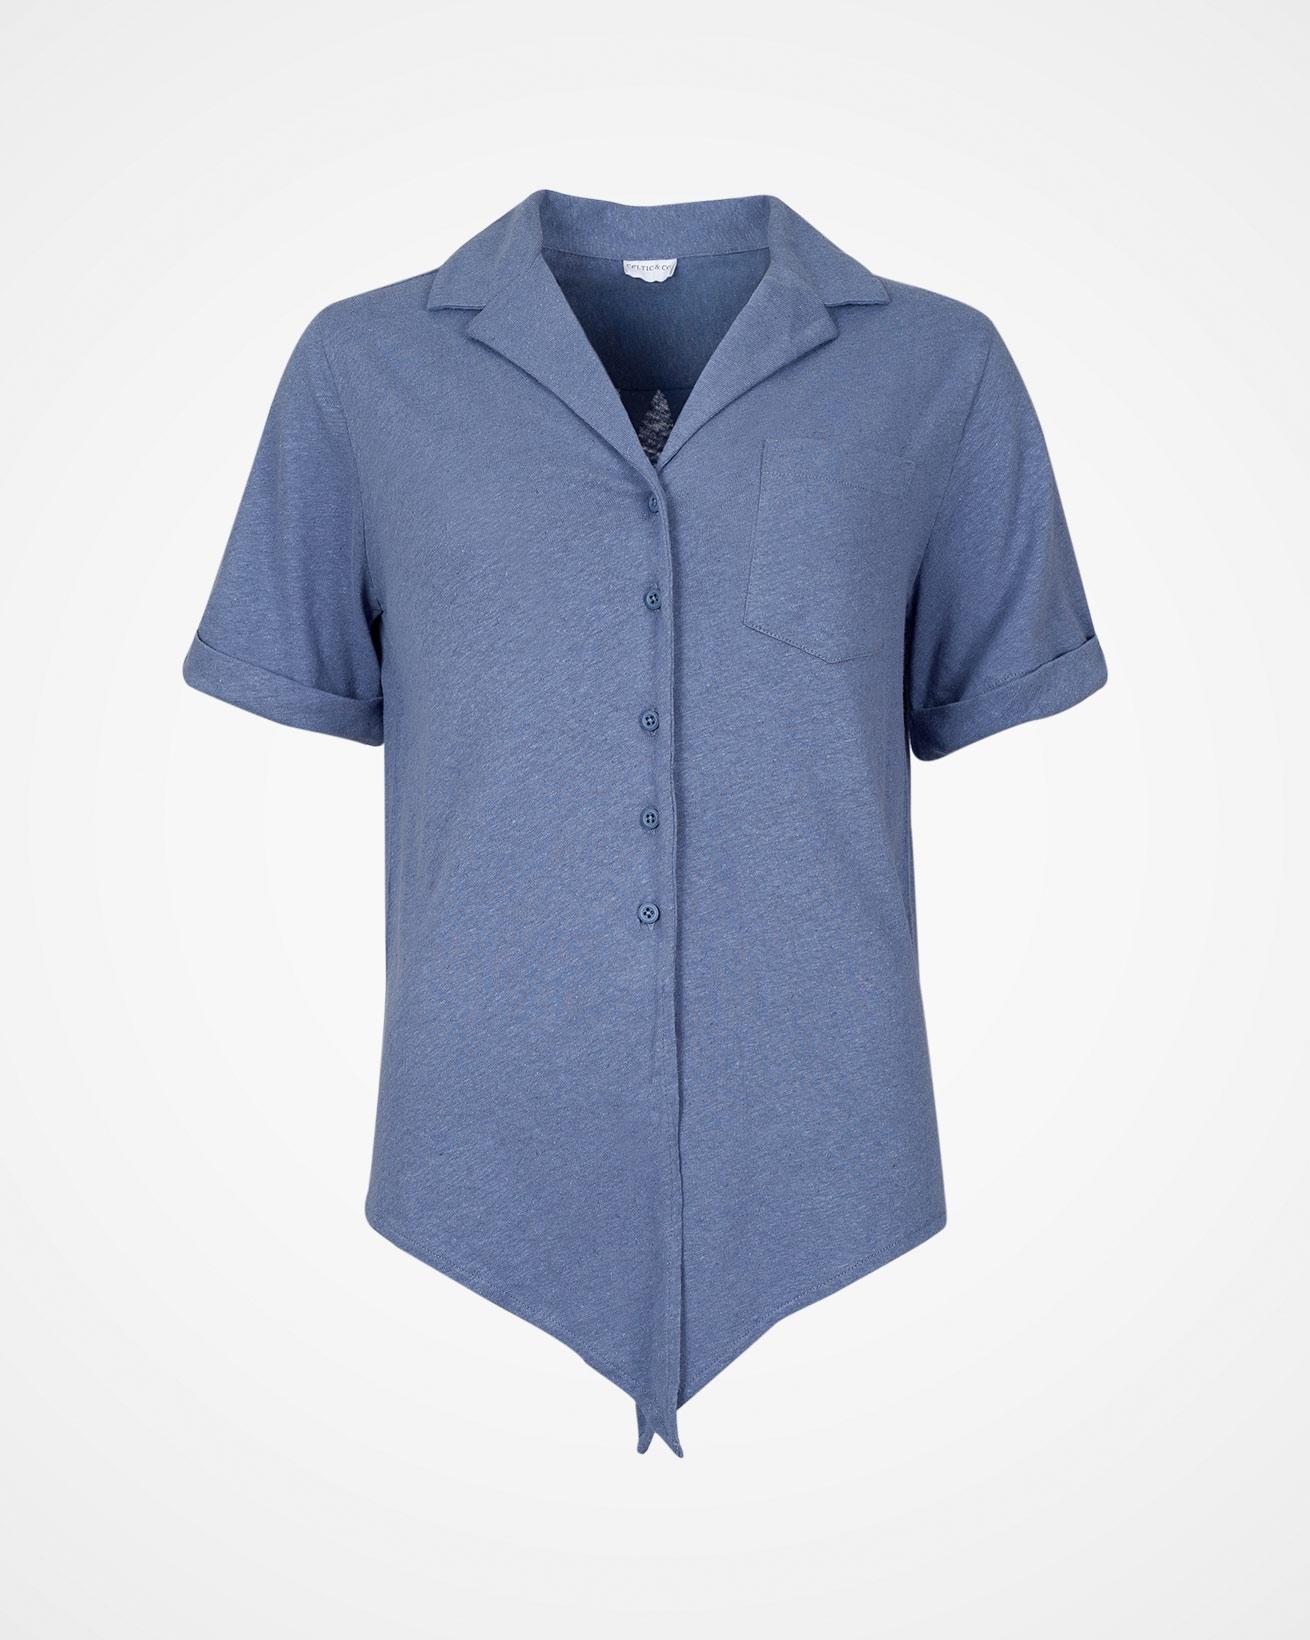 7683_button-through-tie-front_top_cornflower-blue_front1.jpg